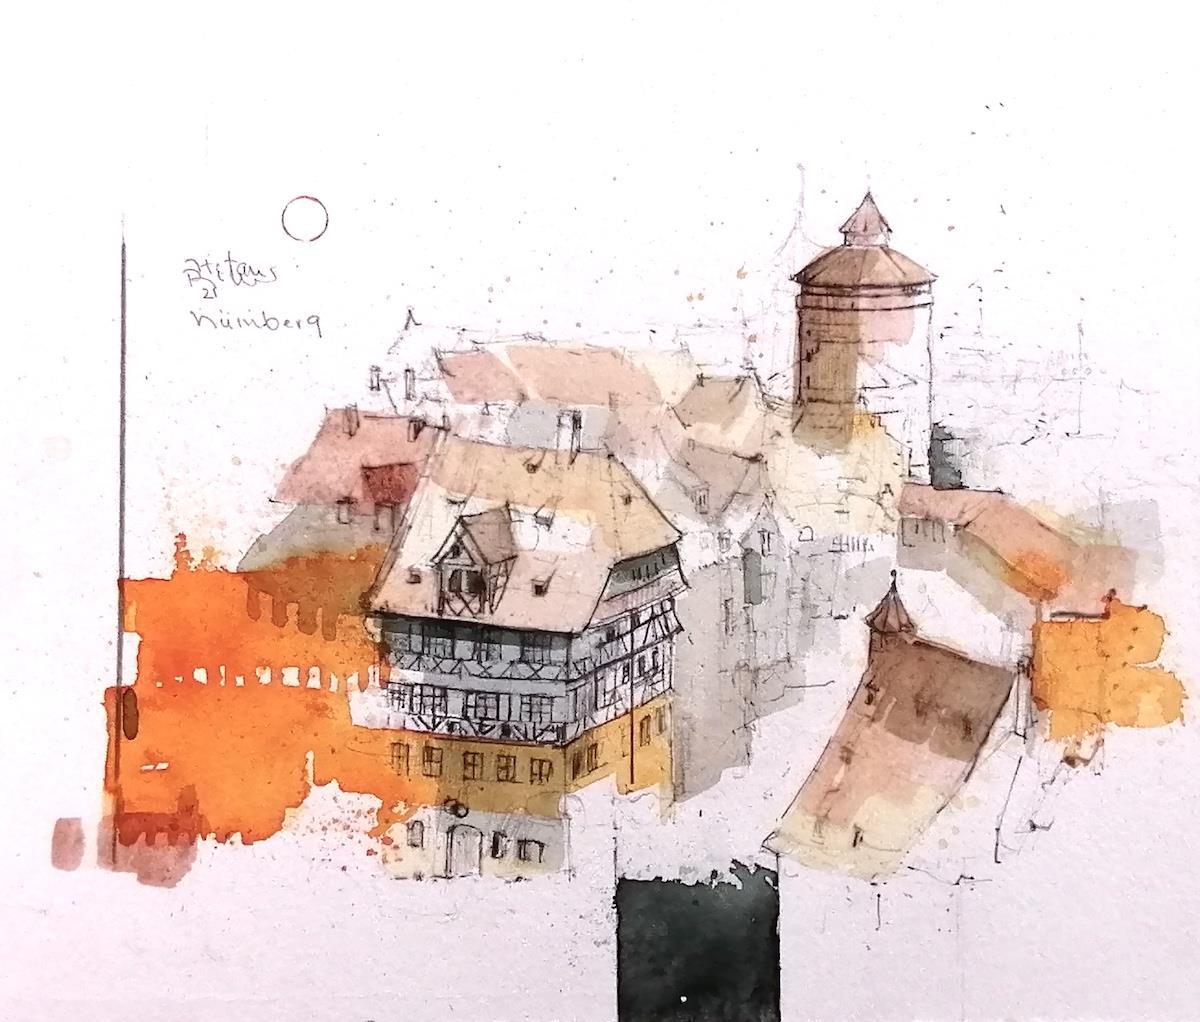 Nürnberg Dürerhaus - Becker, Stefan - k-2102Stb2